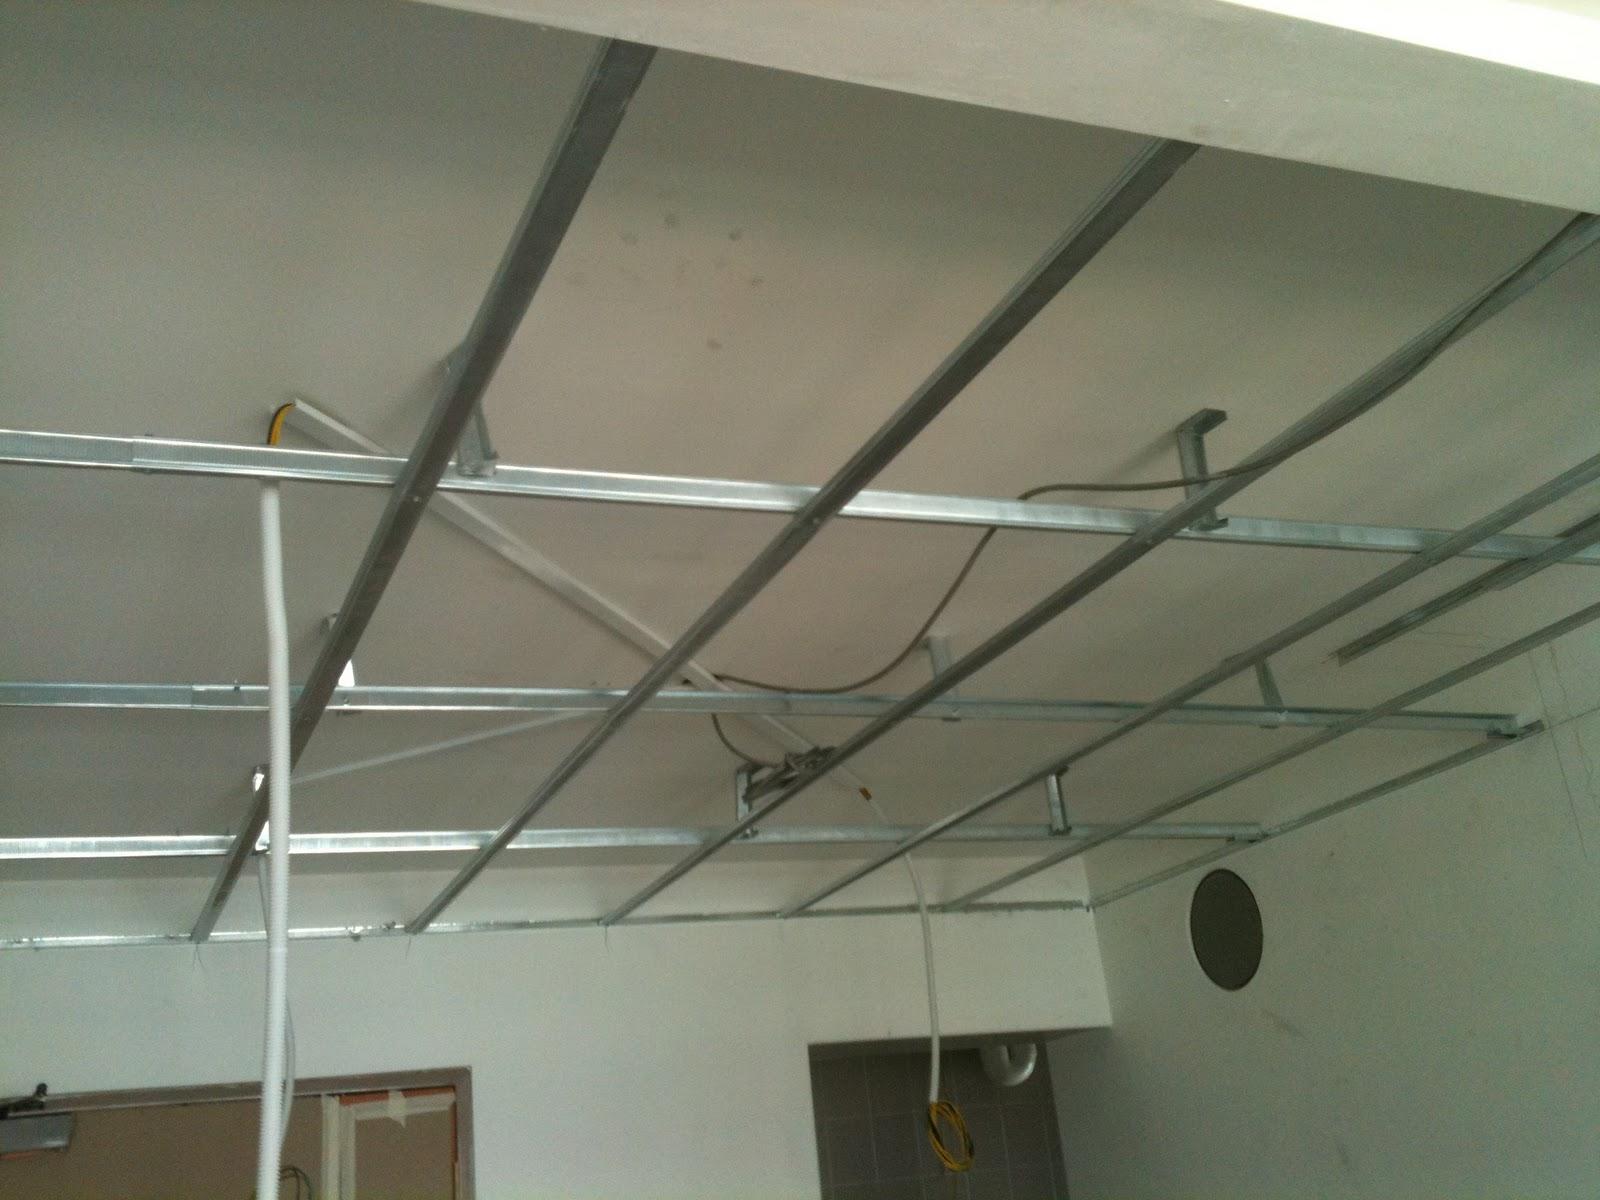 آموزش نصب سقف کاذب سرویس بهداشتی